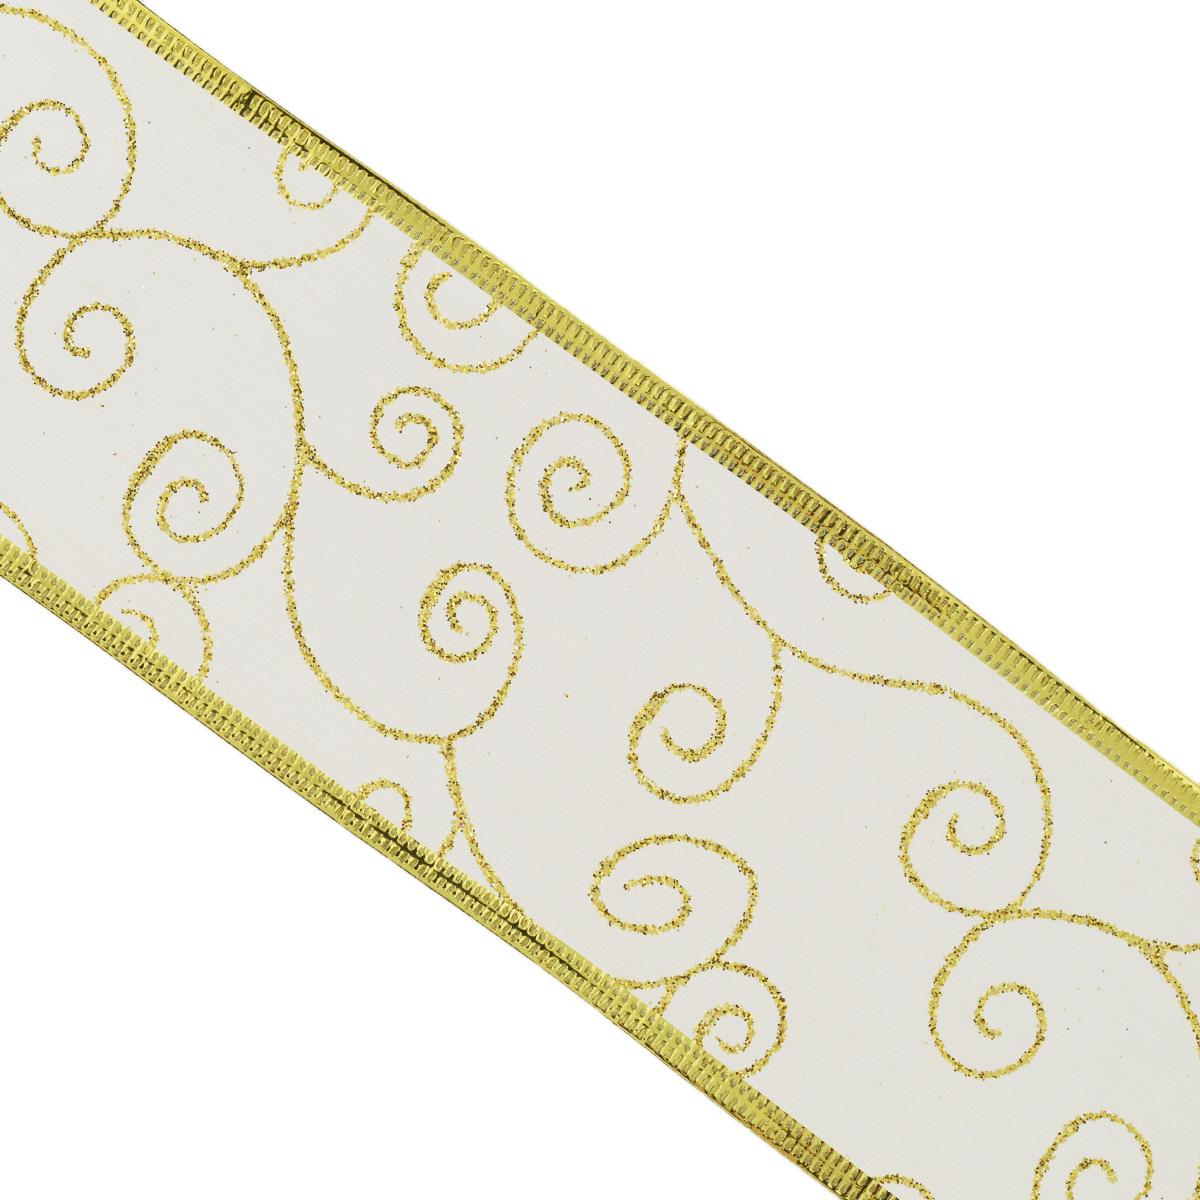 Декоративная лента Феникс-презент, цвет: золотистый, 2,7 м. 3540135401Декоративная лента Феникс-презент выполнена из полиэстера и декорирована оригинальным узором и блестками. В края ленты вставлена проволока, благодаря чему ее легко фиксировать. Лента предназначена для оформления подарочных коробок, пакетов. Кроме того, декоративная лента с успехом применяется для художественного оформления витрин, праздничного оформления помещений, изготовления искусственных цветов. Декоративная лента украсит интерьер вашего дома к любым праздникам. Ширина ленты: 6,3 см.